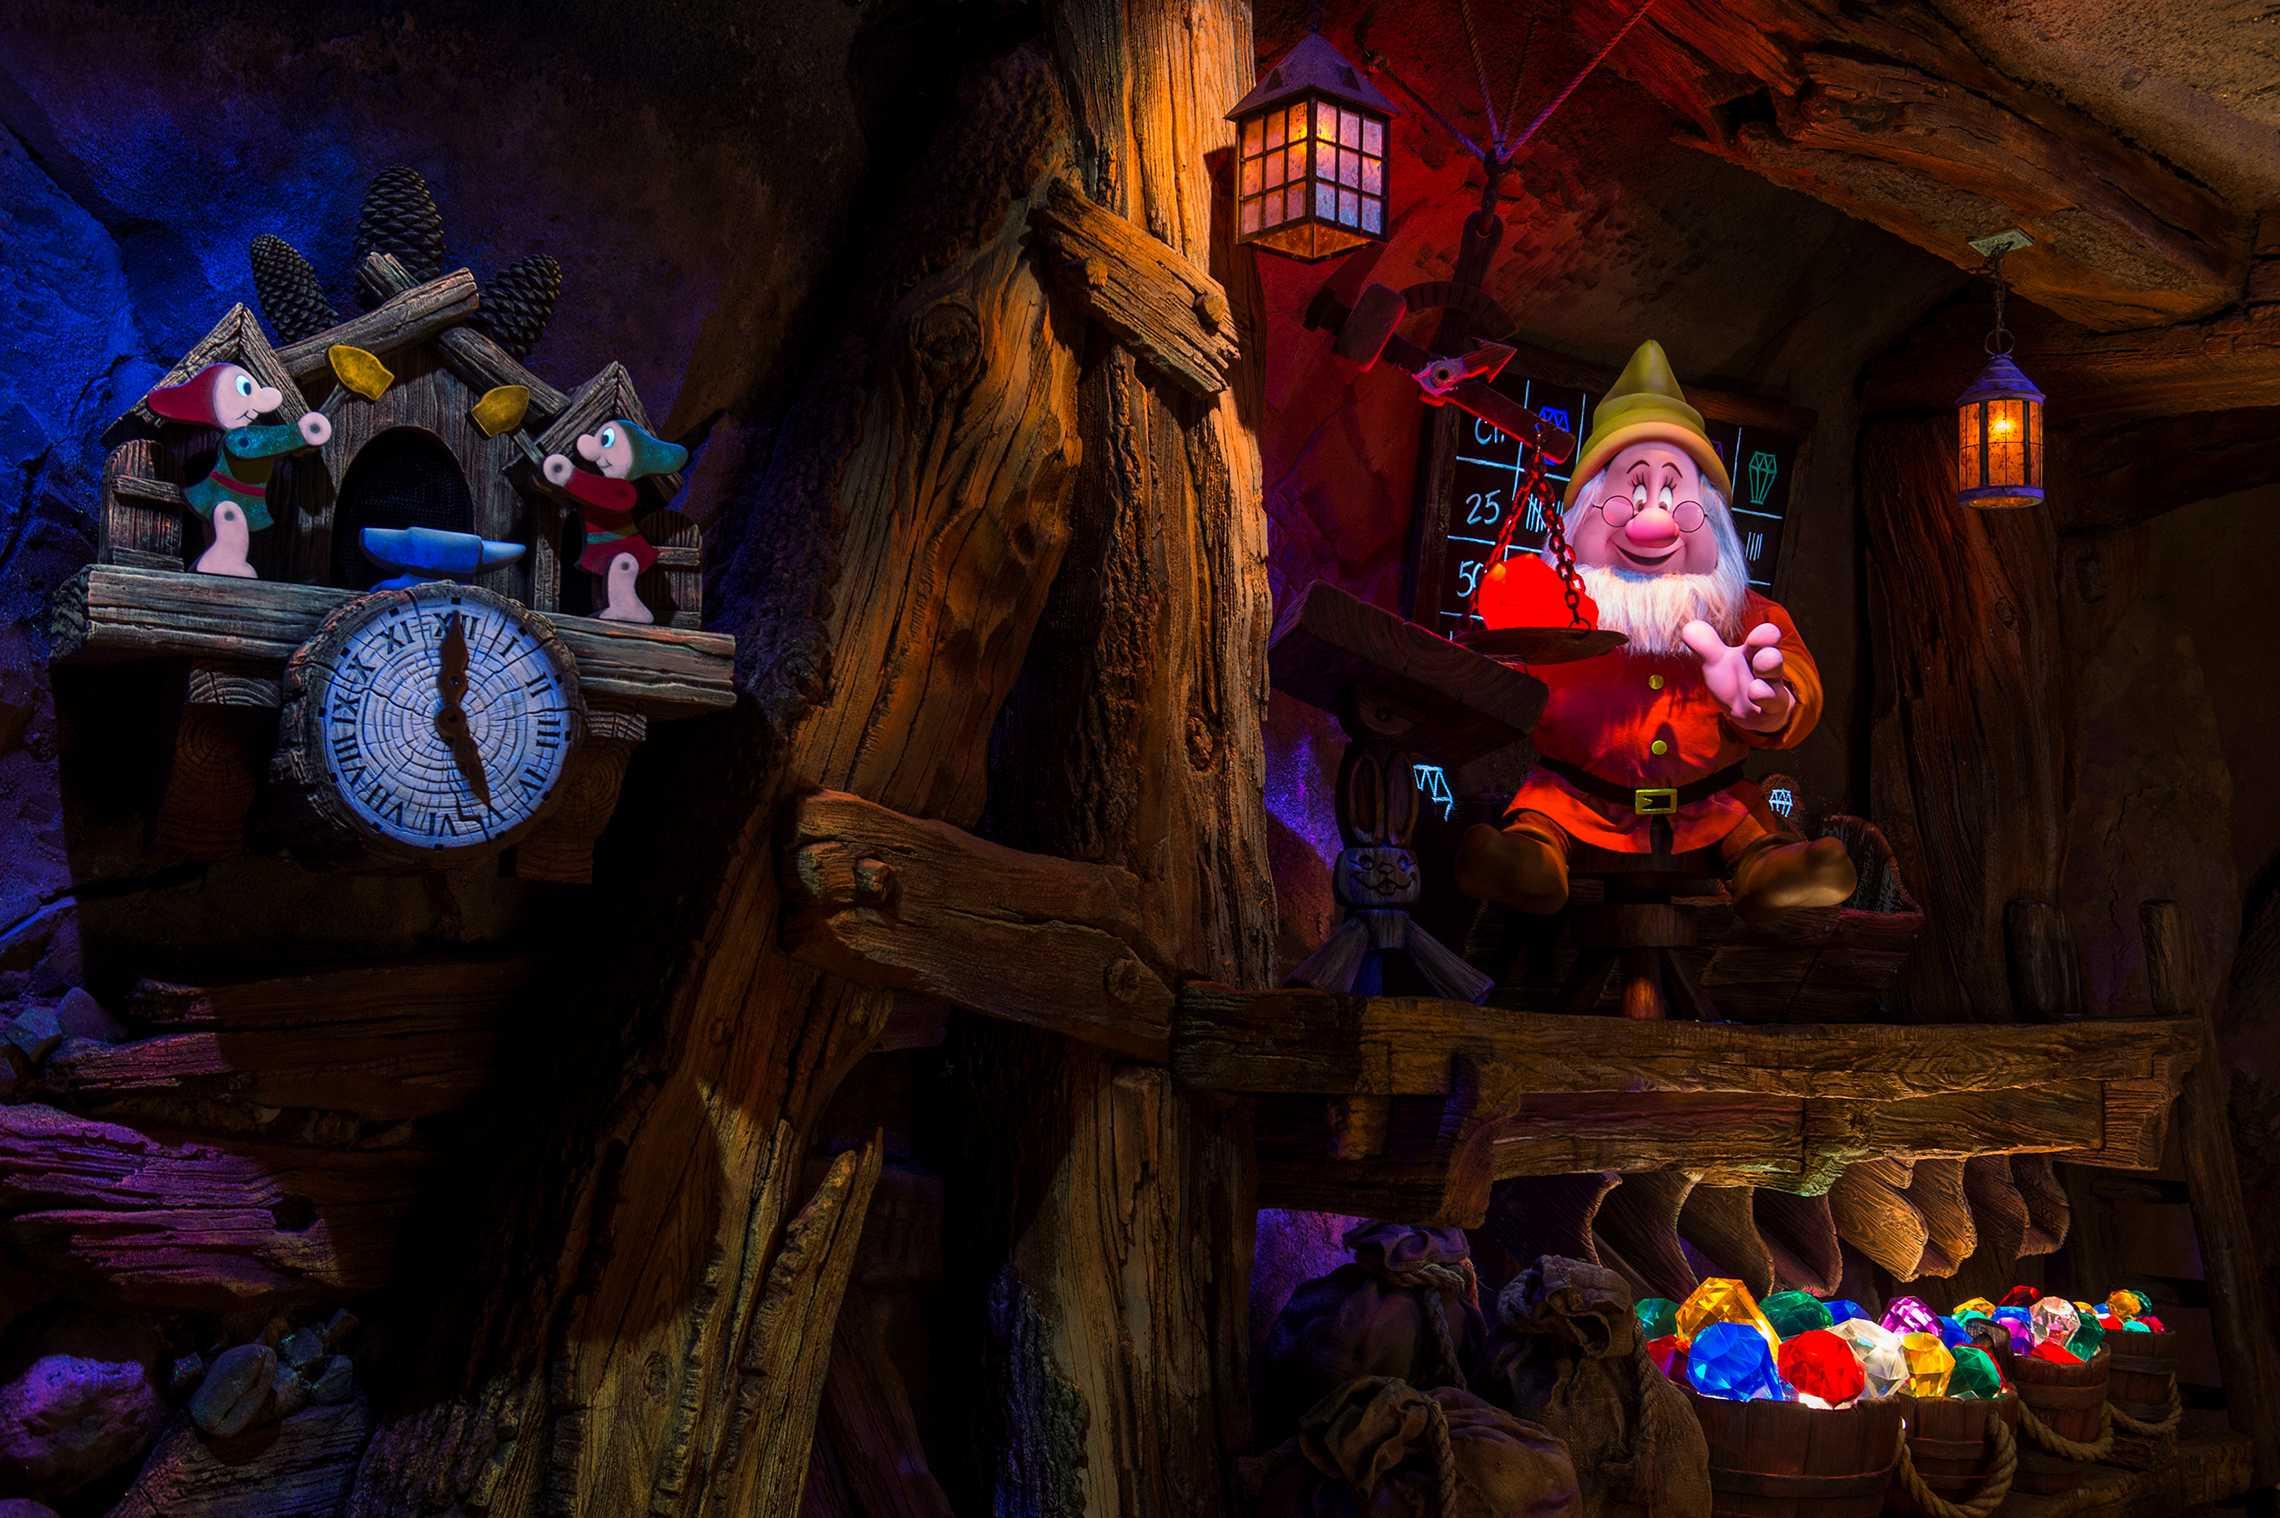 Seven Dwarfs Mine Train show scene